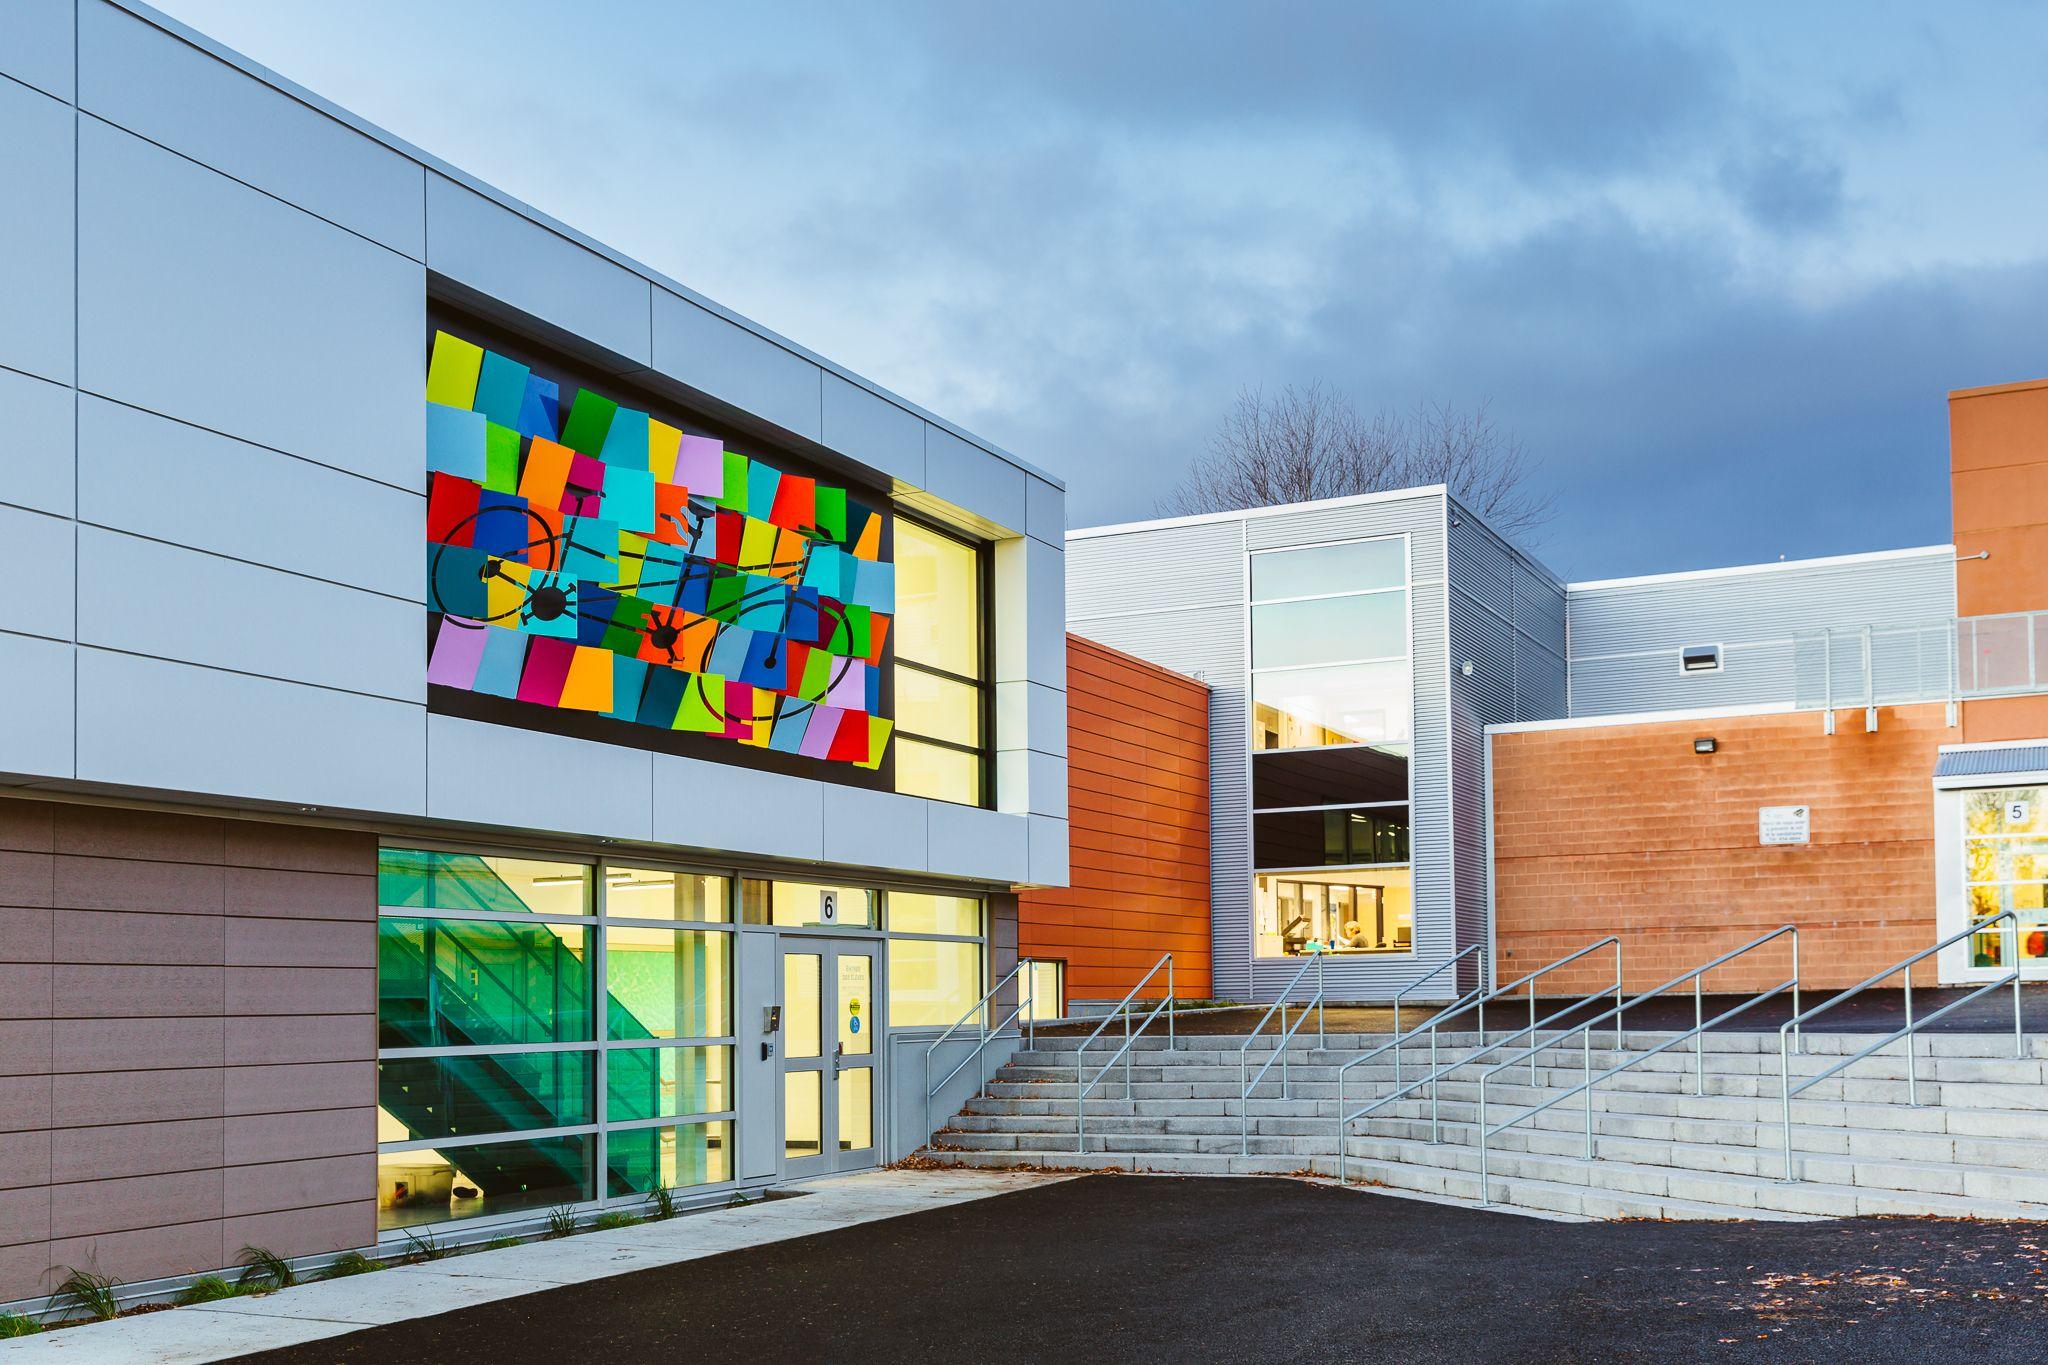 École St-Claude \\\\ École primaire \\\\ Elementary school ...